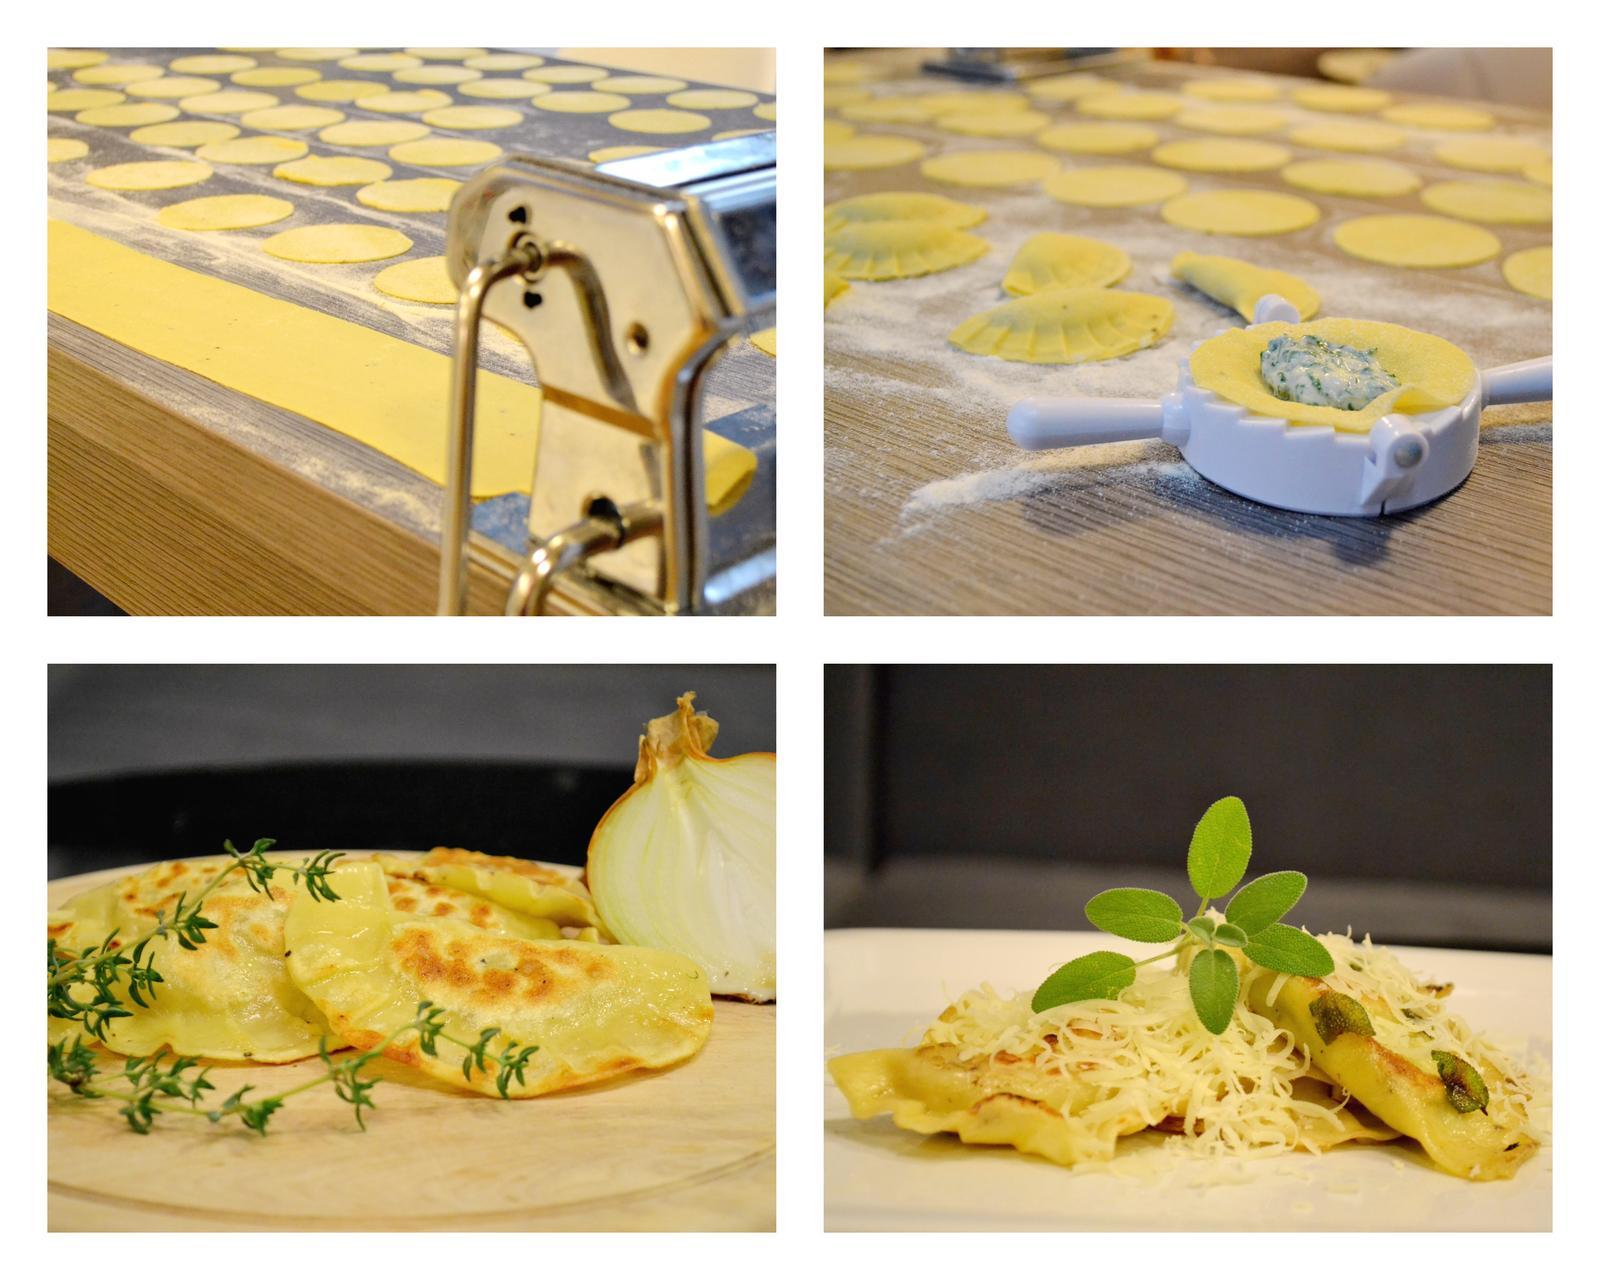 Upečeno a uvařeno u nás doma - Domácí ravioli - verze 1 s masem a zelím, verze 2 s ricottou a špenátem na šalvějovém másle